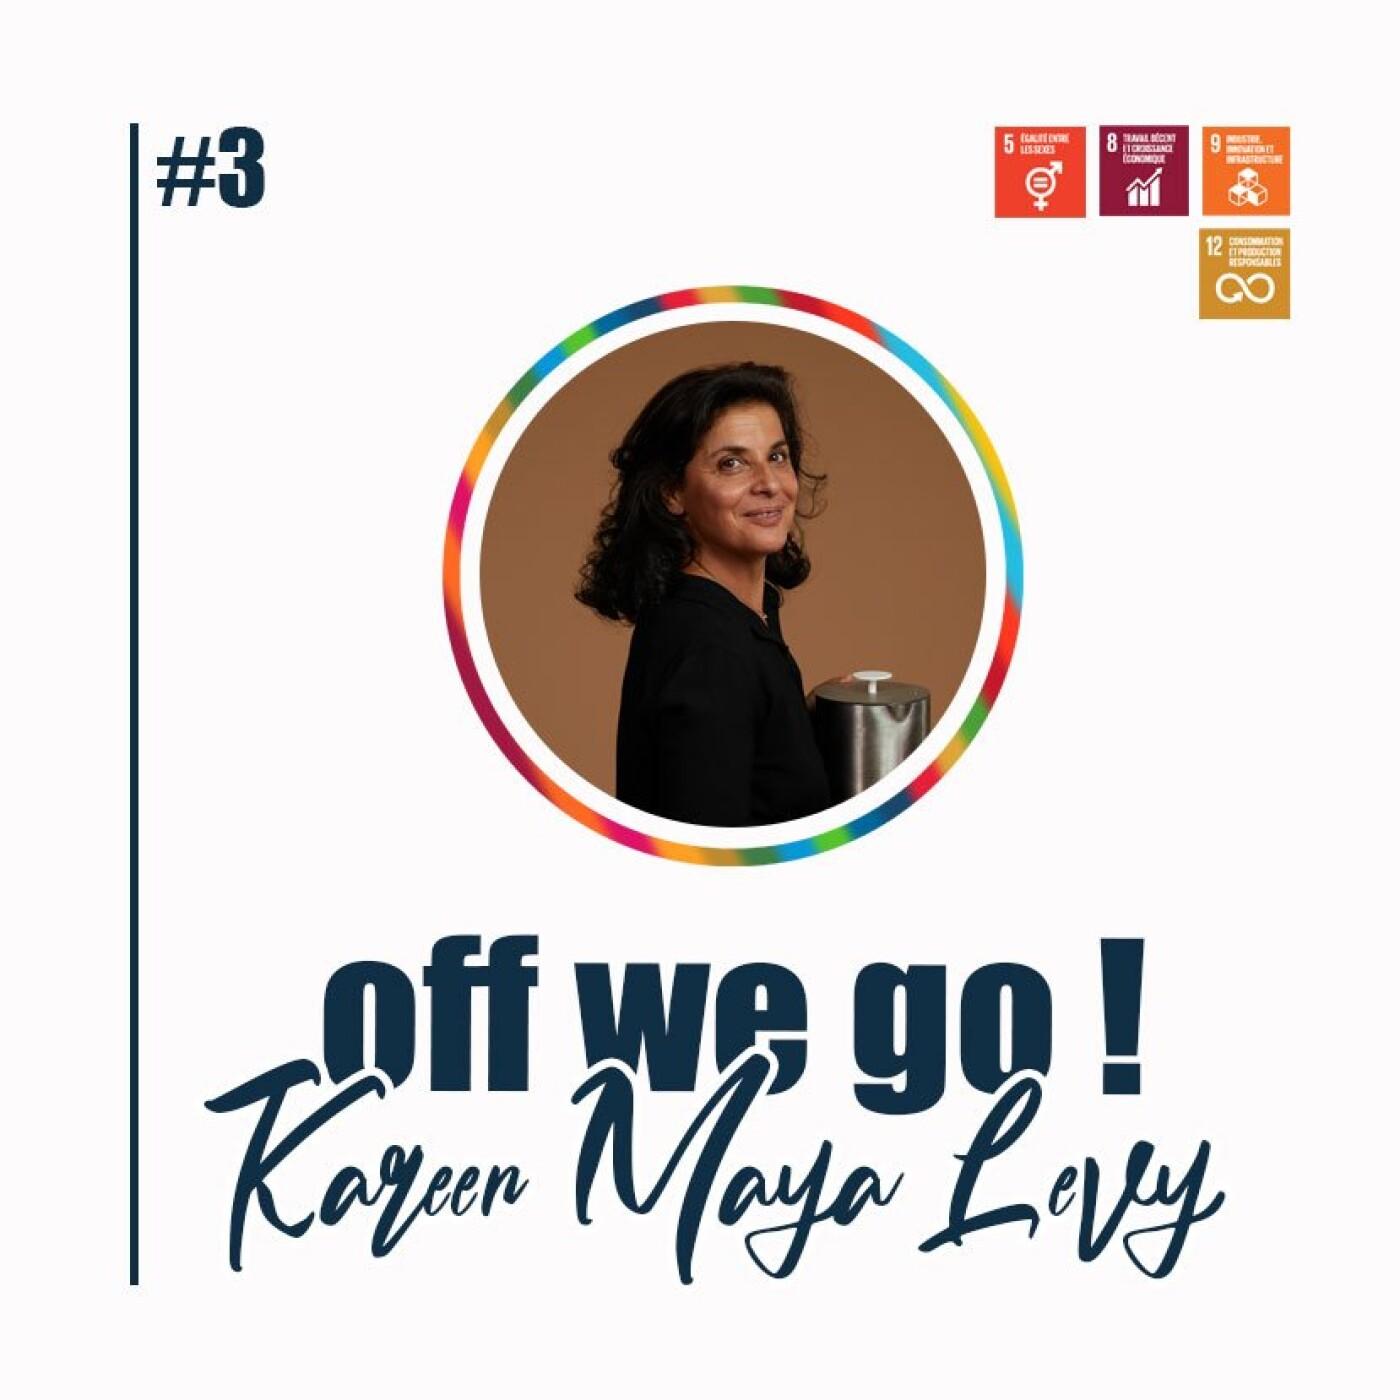 Le Durable, le nouveau modèle économique responsable - Kareen Maya Levy (Kippit)